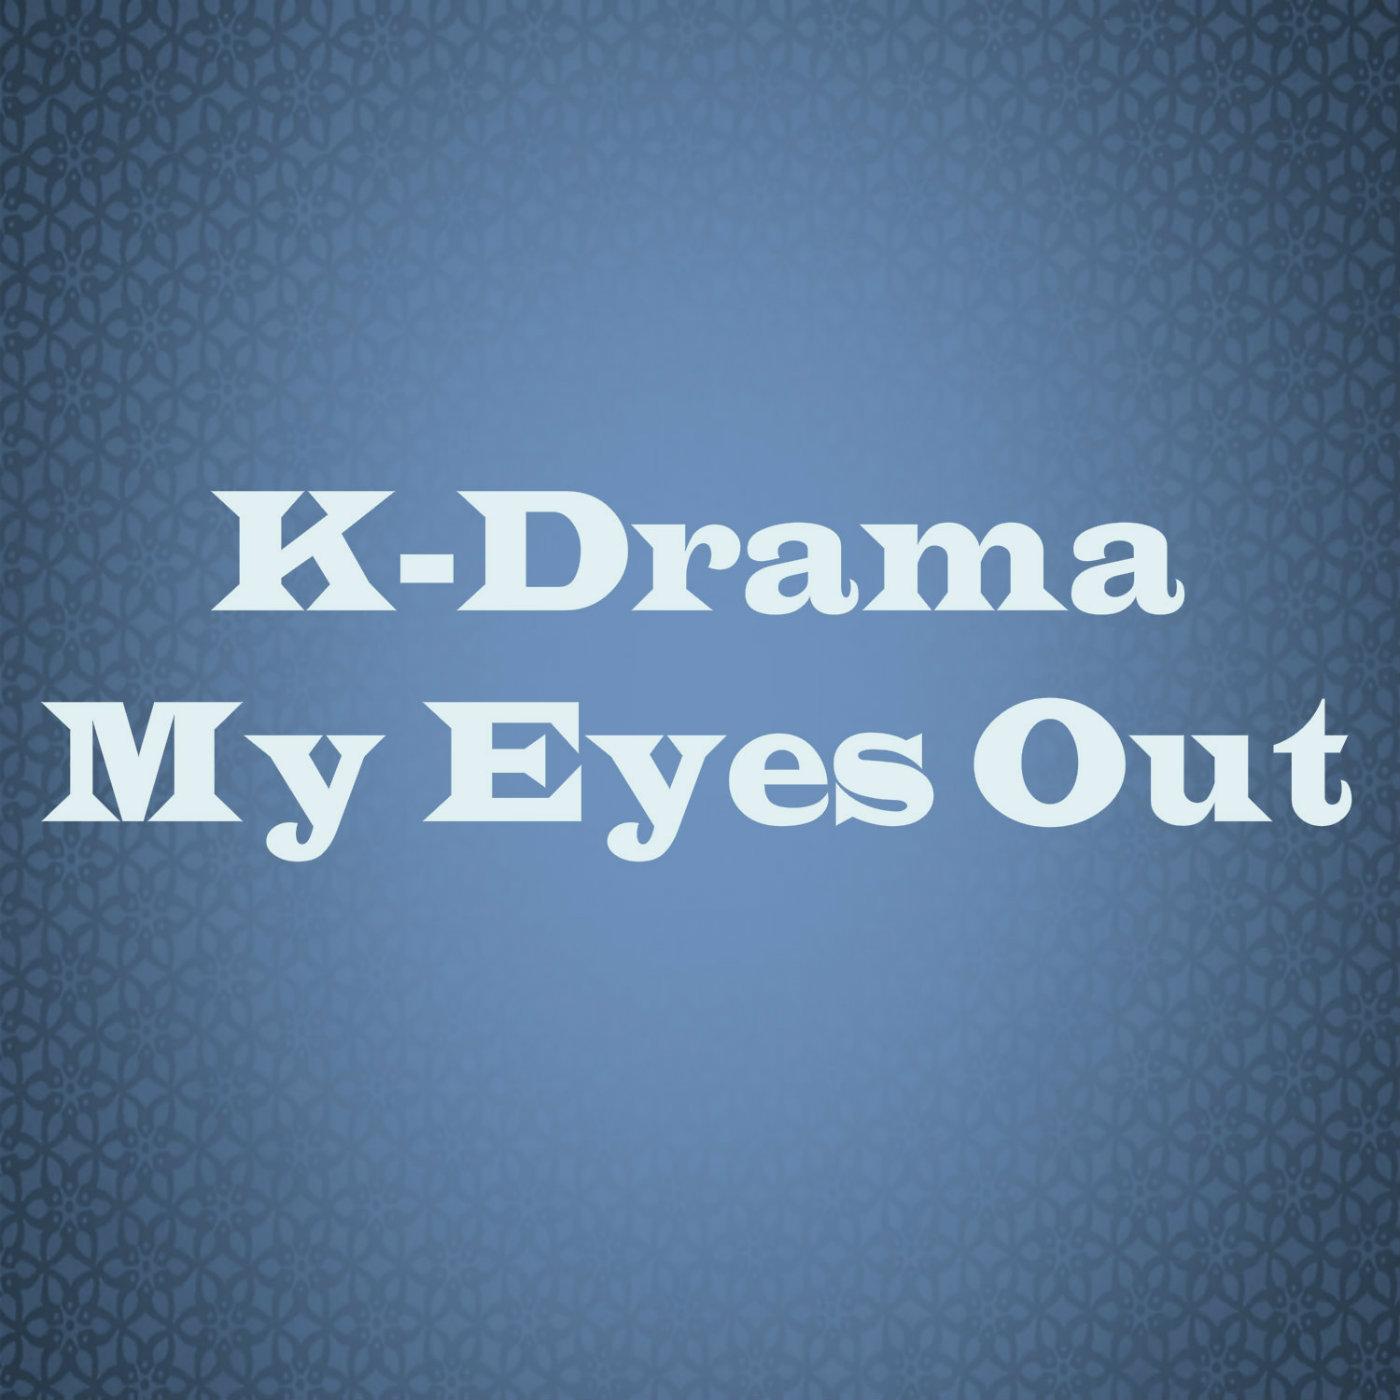 K-Drama My Eyes Out